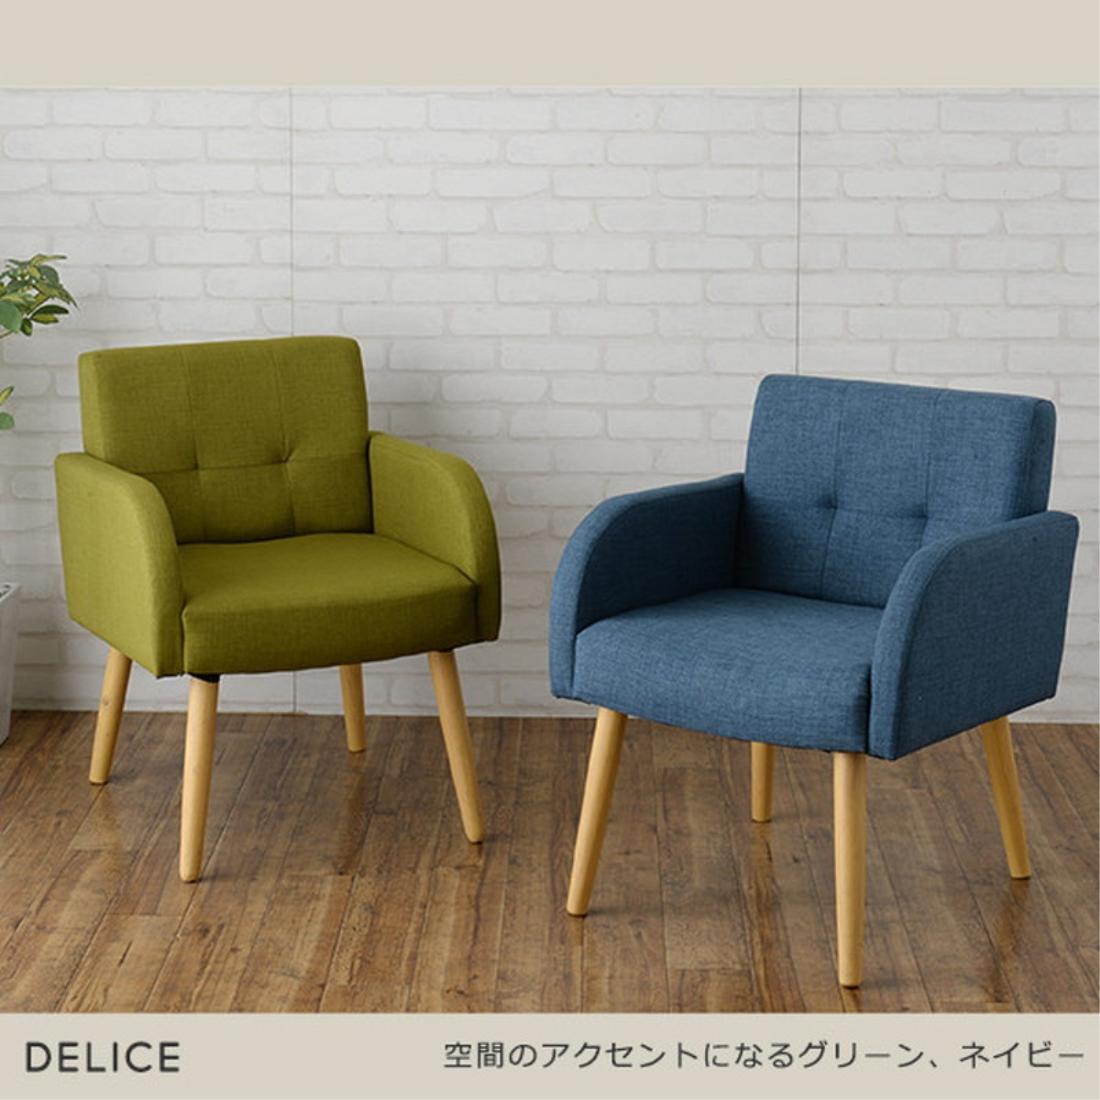 送料無料 オシャレ 家具 キッチン 椅子 チェア DELICE(デリース)ダイニングチェアー(56cm幅)4色展開 オシャレ